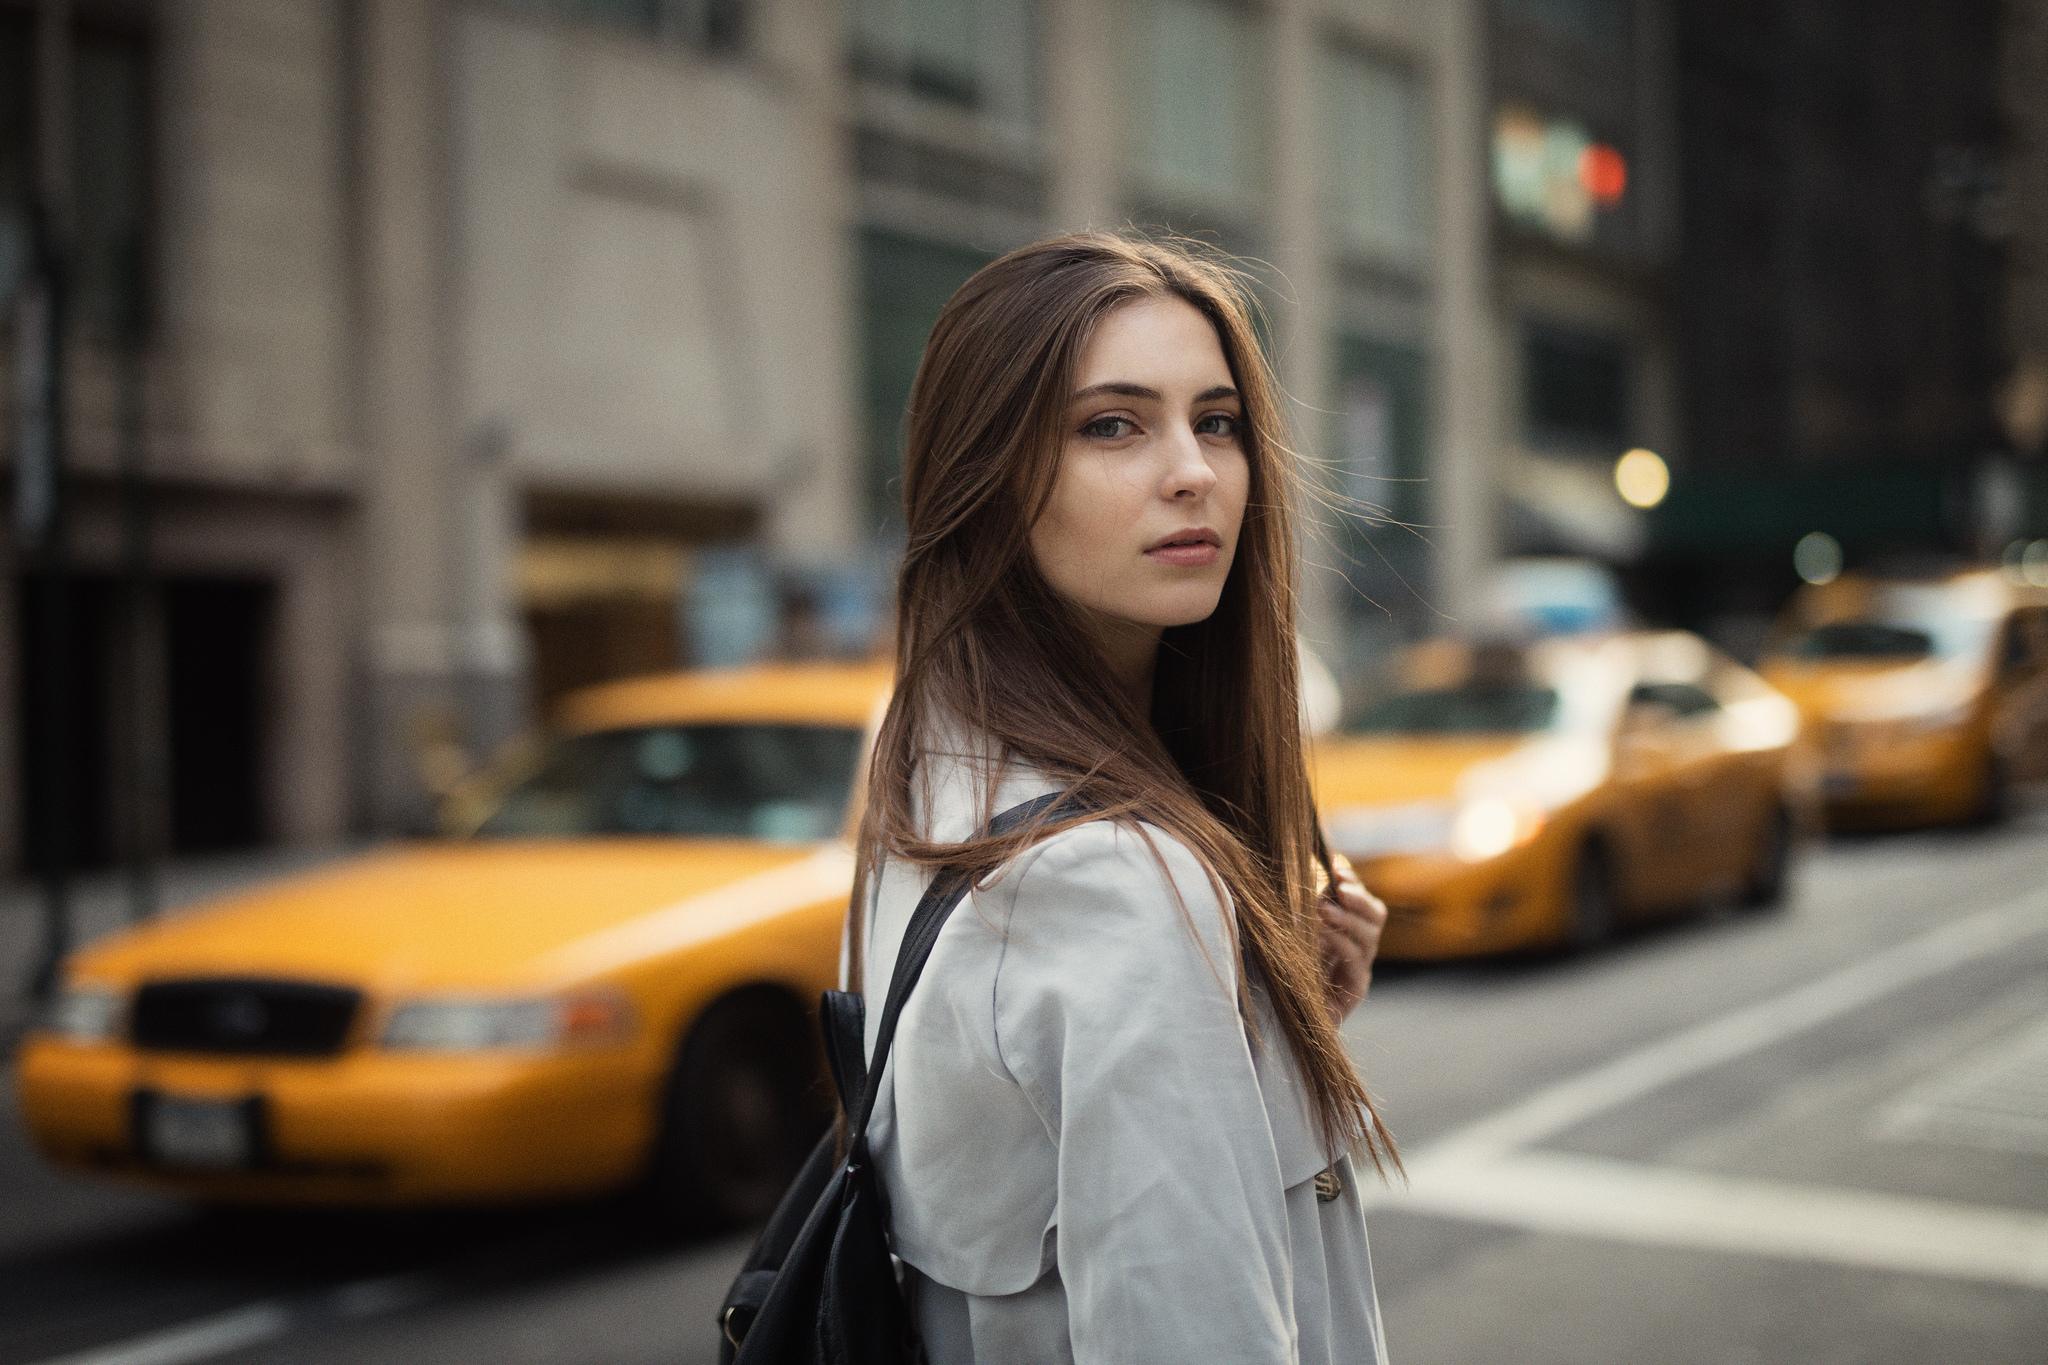 Лица на улице фото